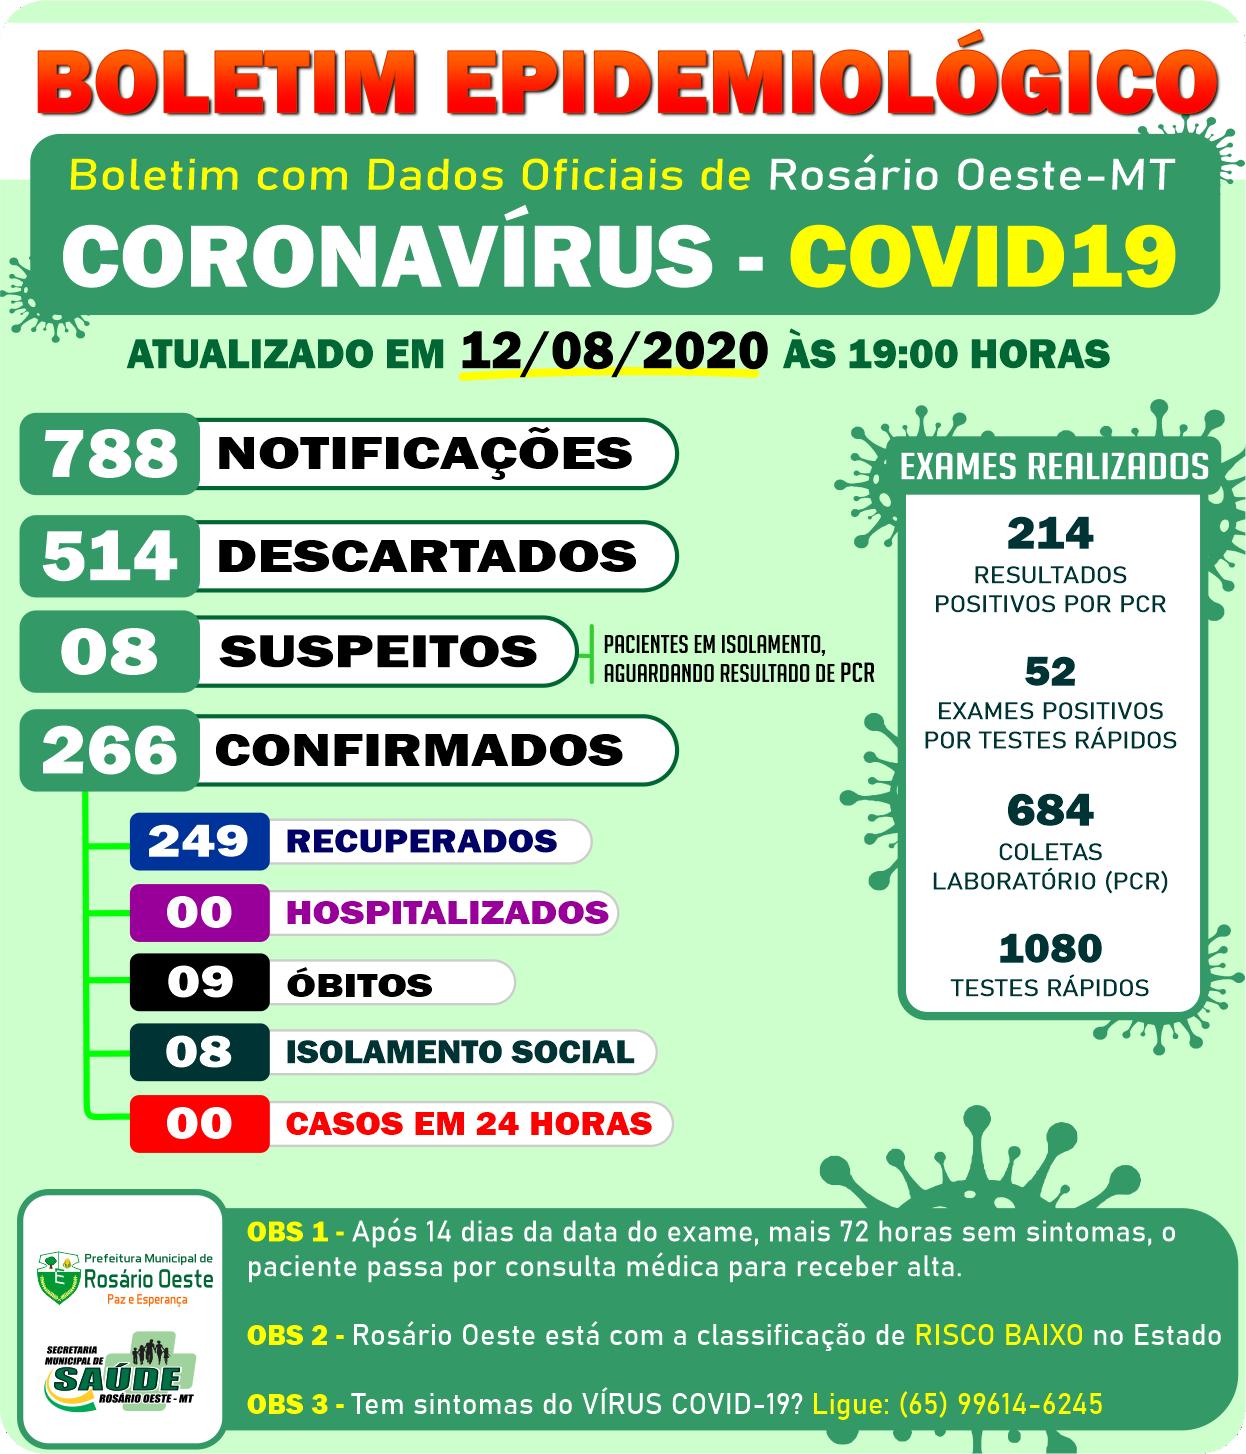 Rosário Oeste não registrou nenhum caso novo de Covid-19 nesta quarta